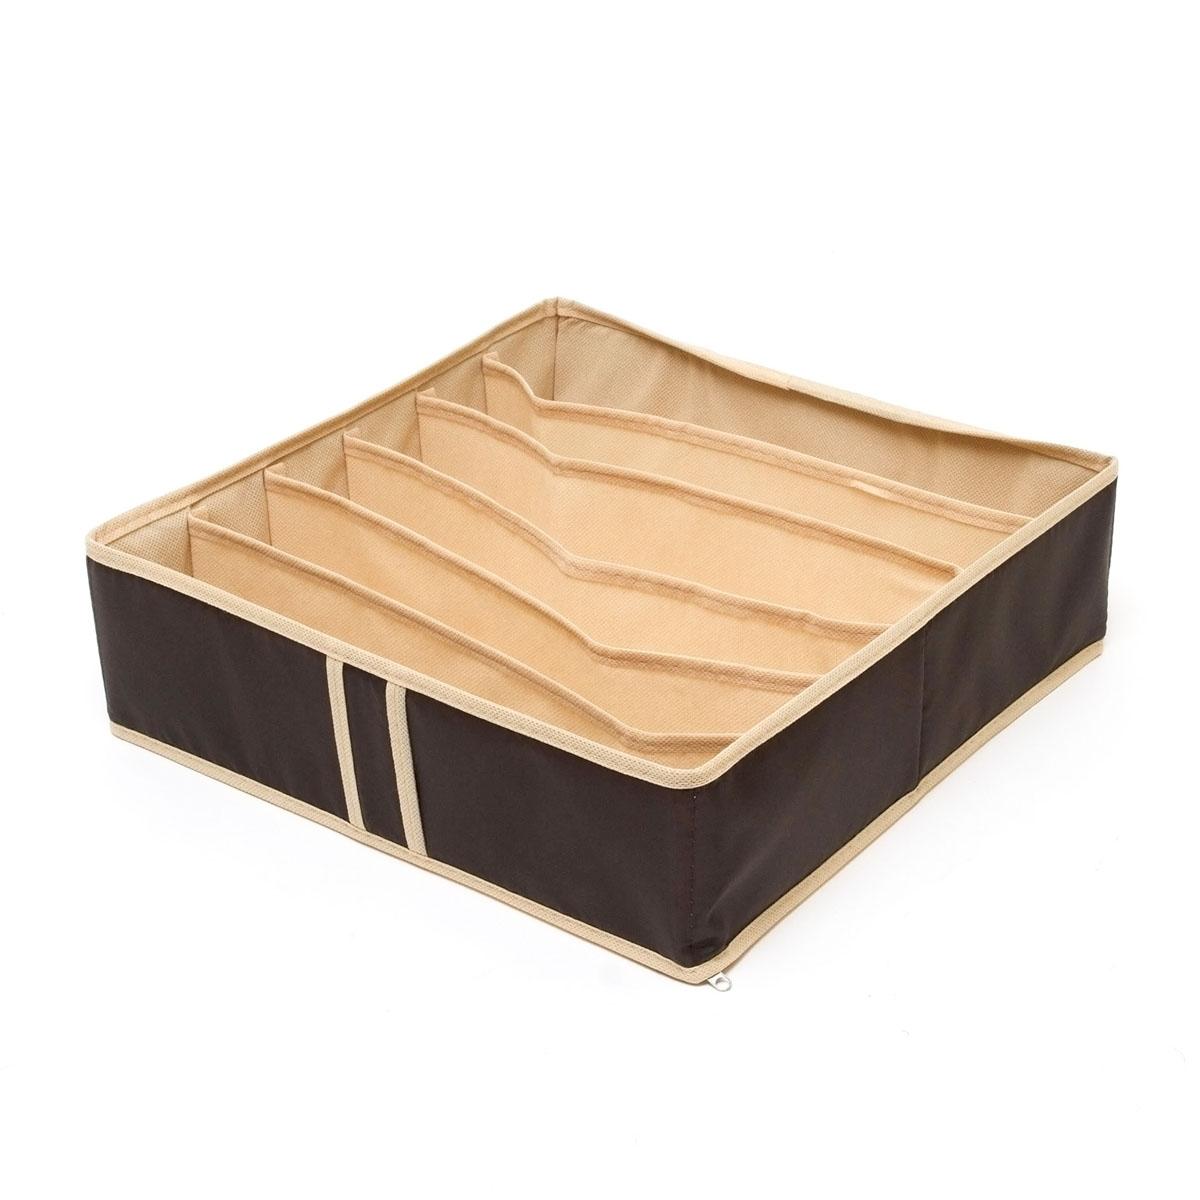 Органайзер для хранения нижнего белья Homsu Costa-Rica, 6 секций, 35 x 35 x 10 смHOM-43Квадратный и плоский органайзер с 6 раздельными ячейками 32см на 5см очень удобен для хранения вещей среднего размера в вашем ящике или на полке. Идеально для бюстгальтеров, нижнего белья и других вещей ежедневного пользования. Имеет жесткие борта, что является гарантией сохраности вещей. Фактический цвет может отличаться от заявленного.